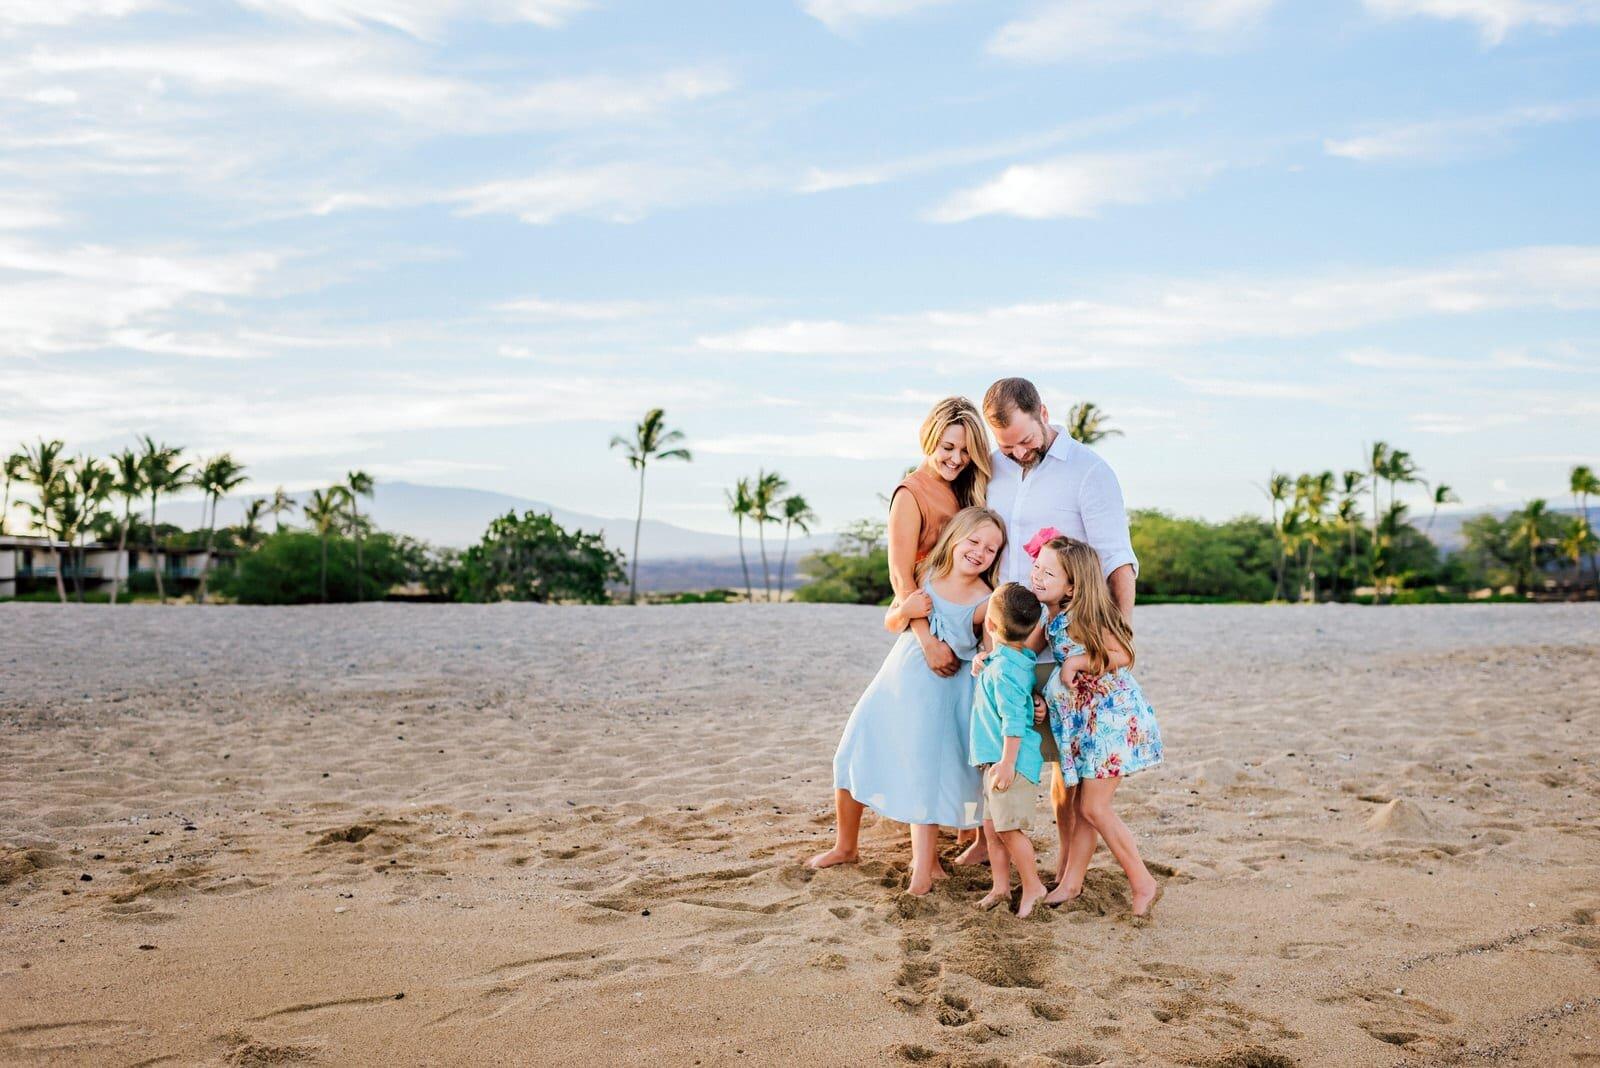 hawaii-family-photos-sunrise-23.jpg